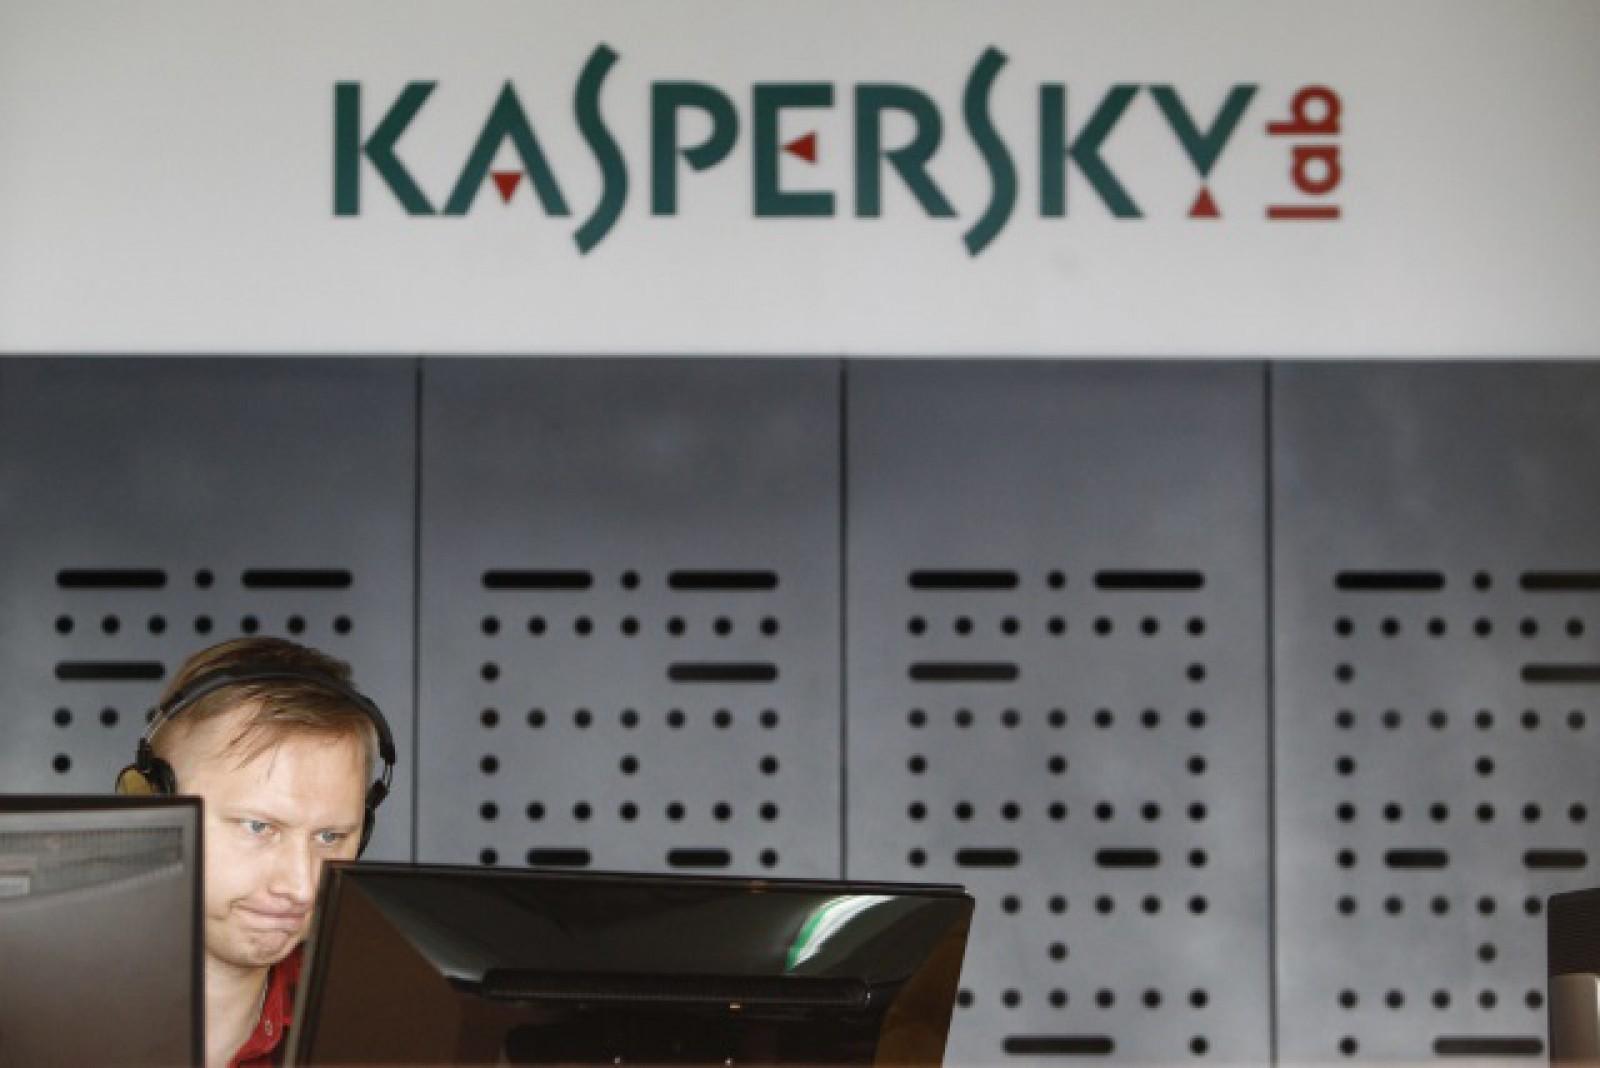 Kaspersky anunţă relocarea unor activităţi din Rusia în Elveţia, în speranţa de a recâştiga încrederea clienţilor în produsele companiei